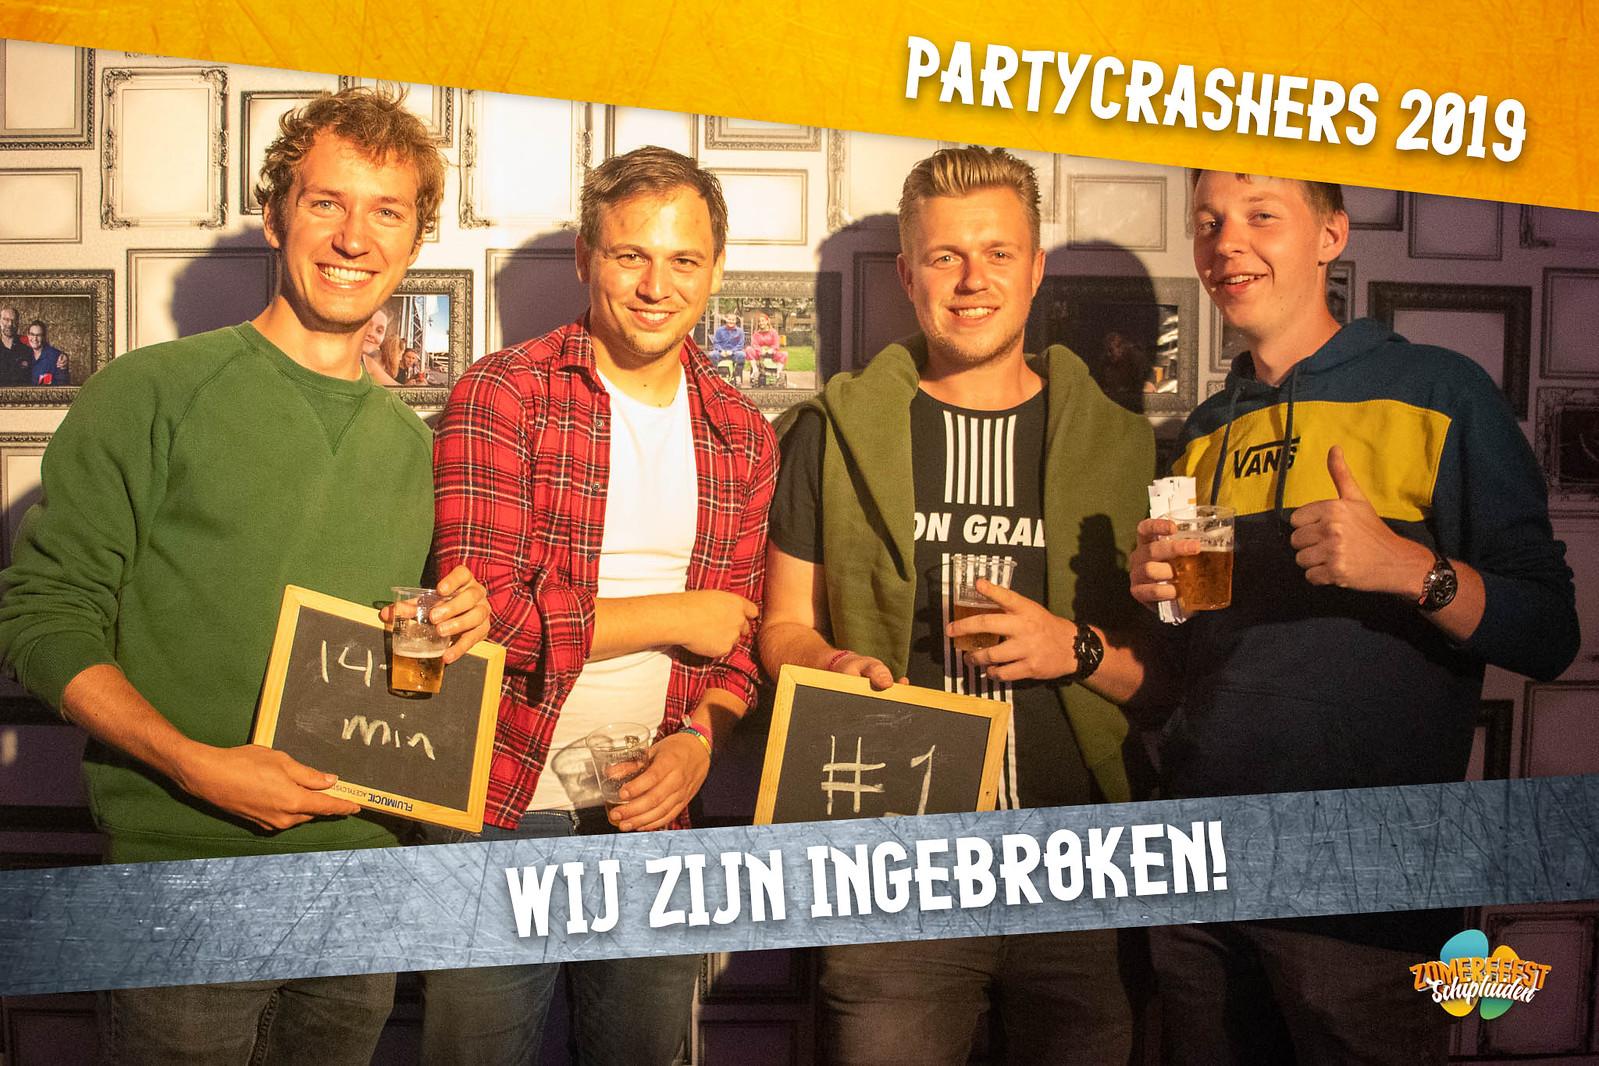 partycrashers-33_0003_Oranje copy 7